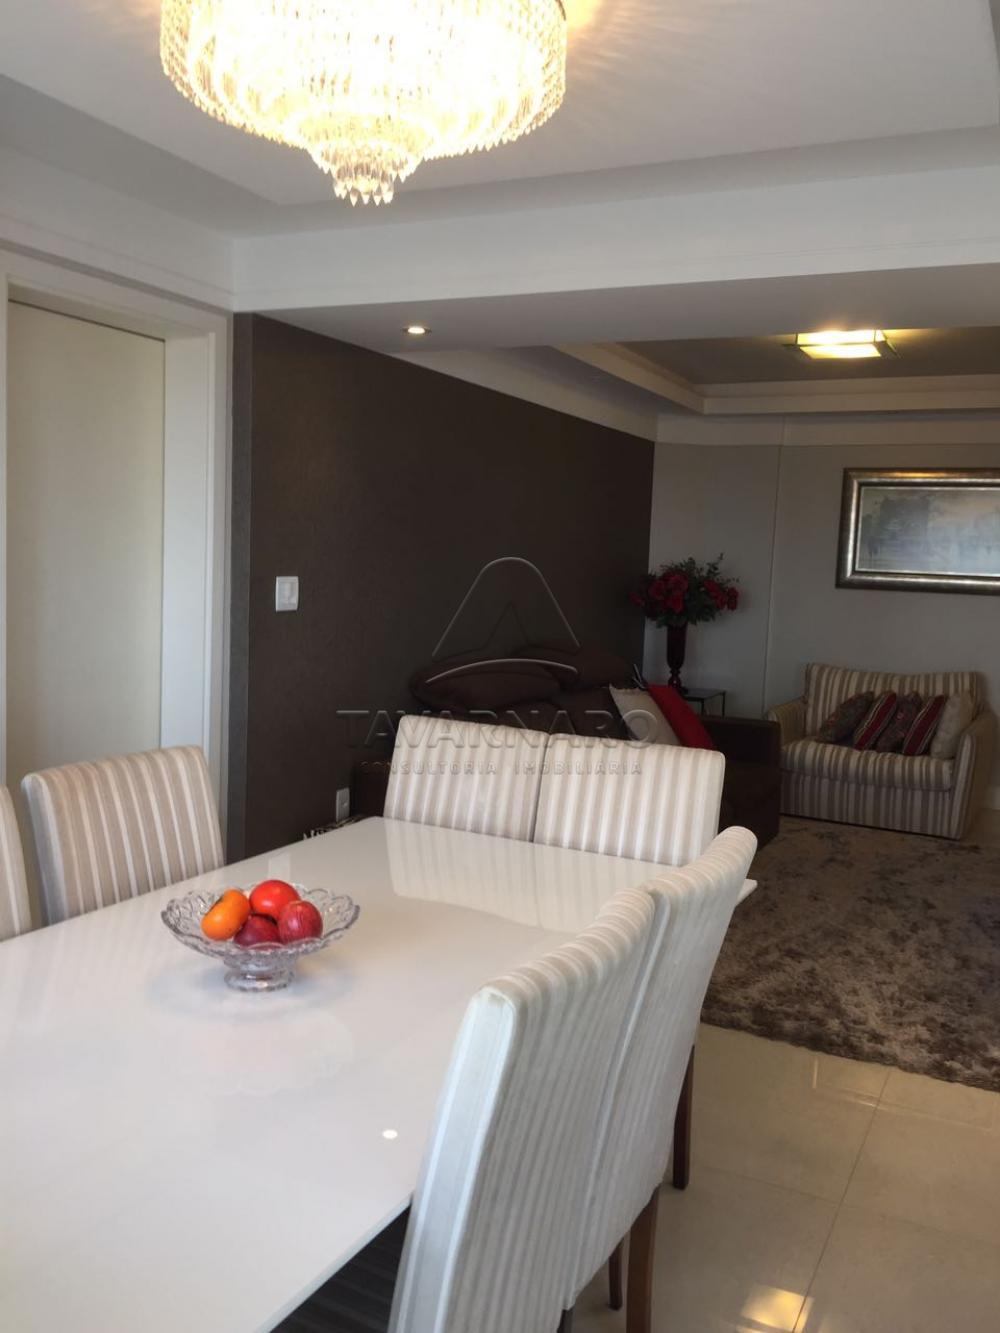 Comprar Apartamento / Padrão em Ponta Grossa apenas R$ 795.000,00 - Foto 22